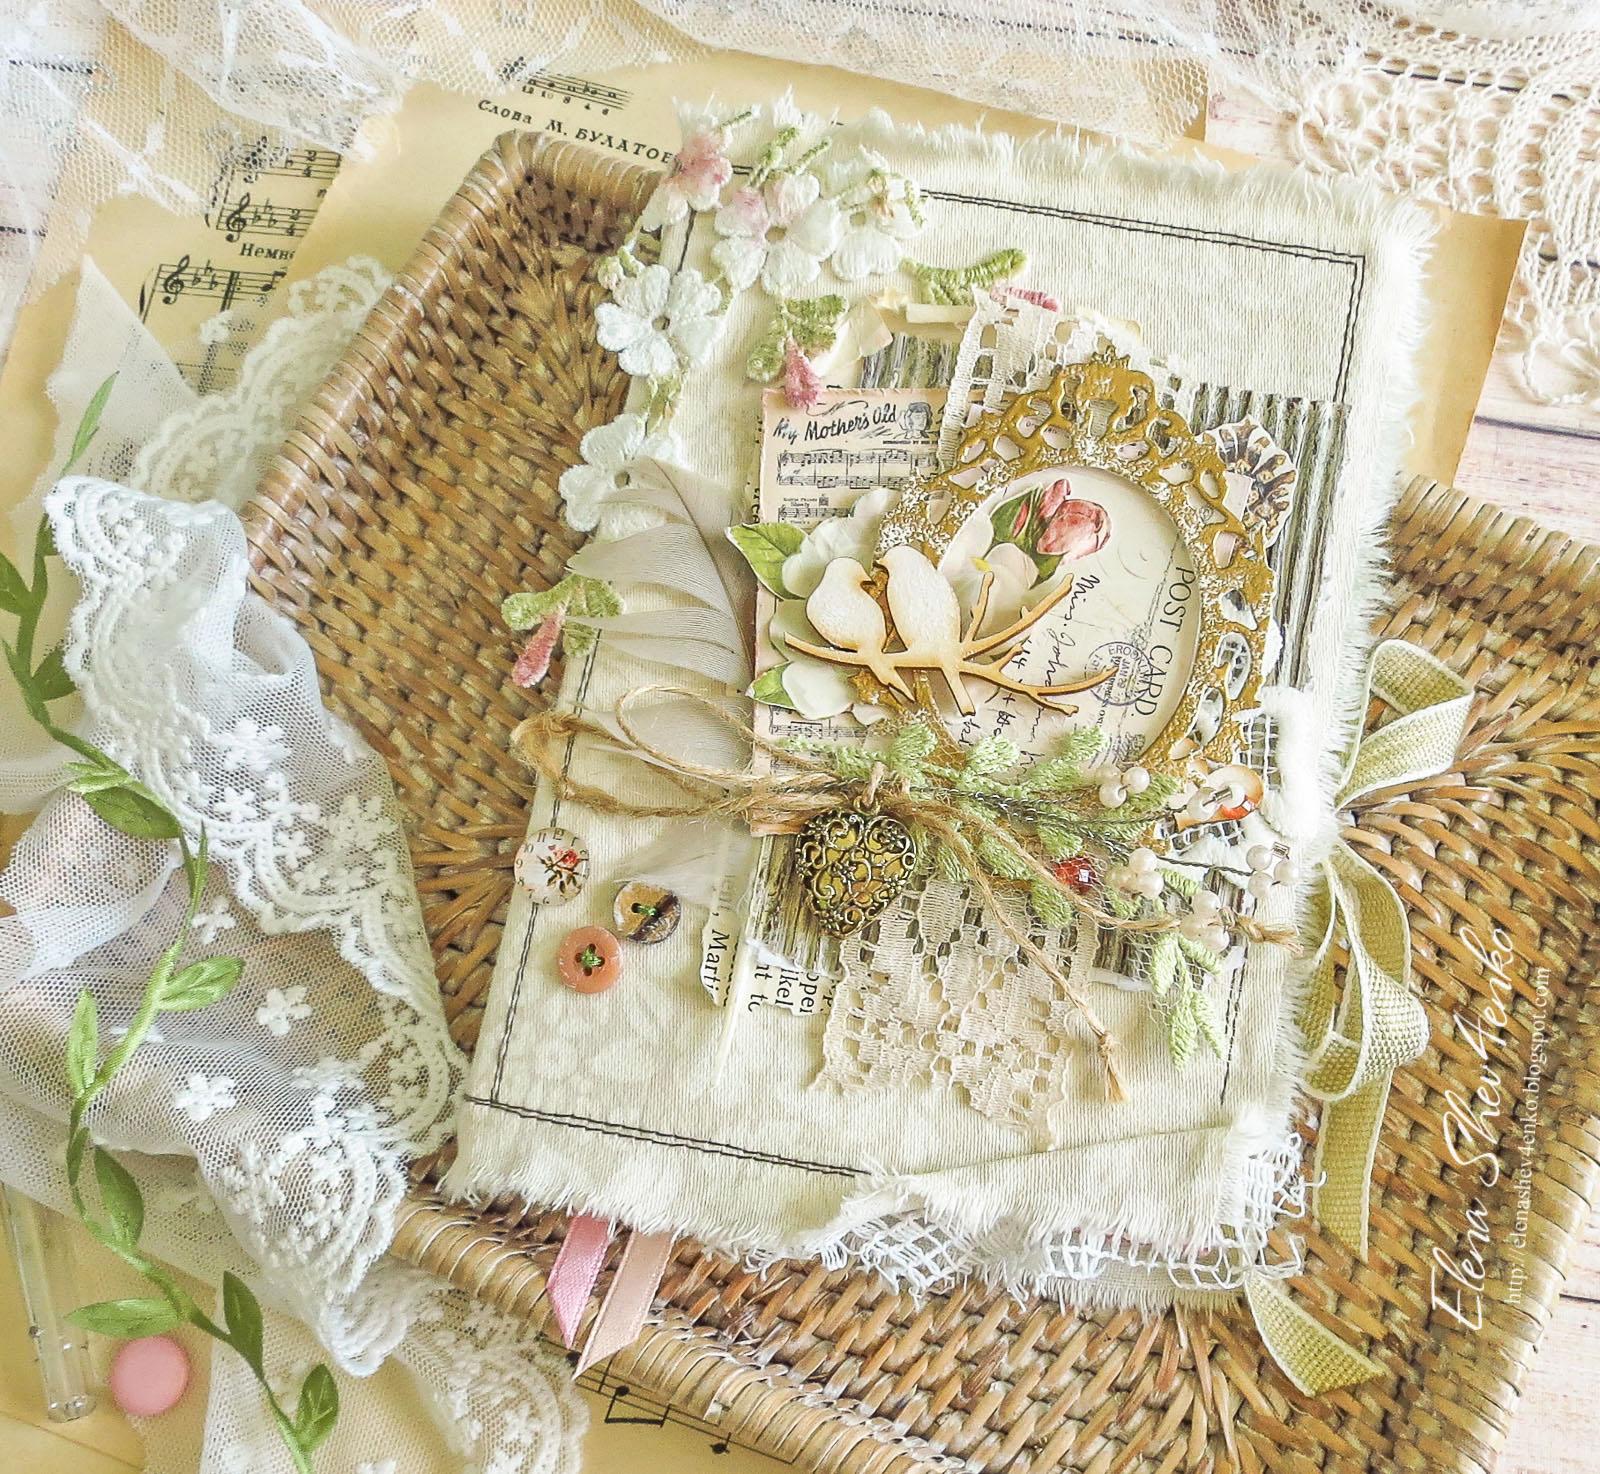 Блокнот для невесты, романтичный подарок, блокнот с птицами, подарунок коханій, подарок любимой, блокнот ручной работы, notebook handmade, allmacraft